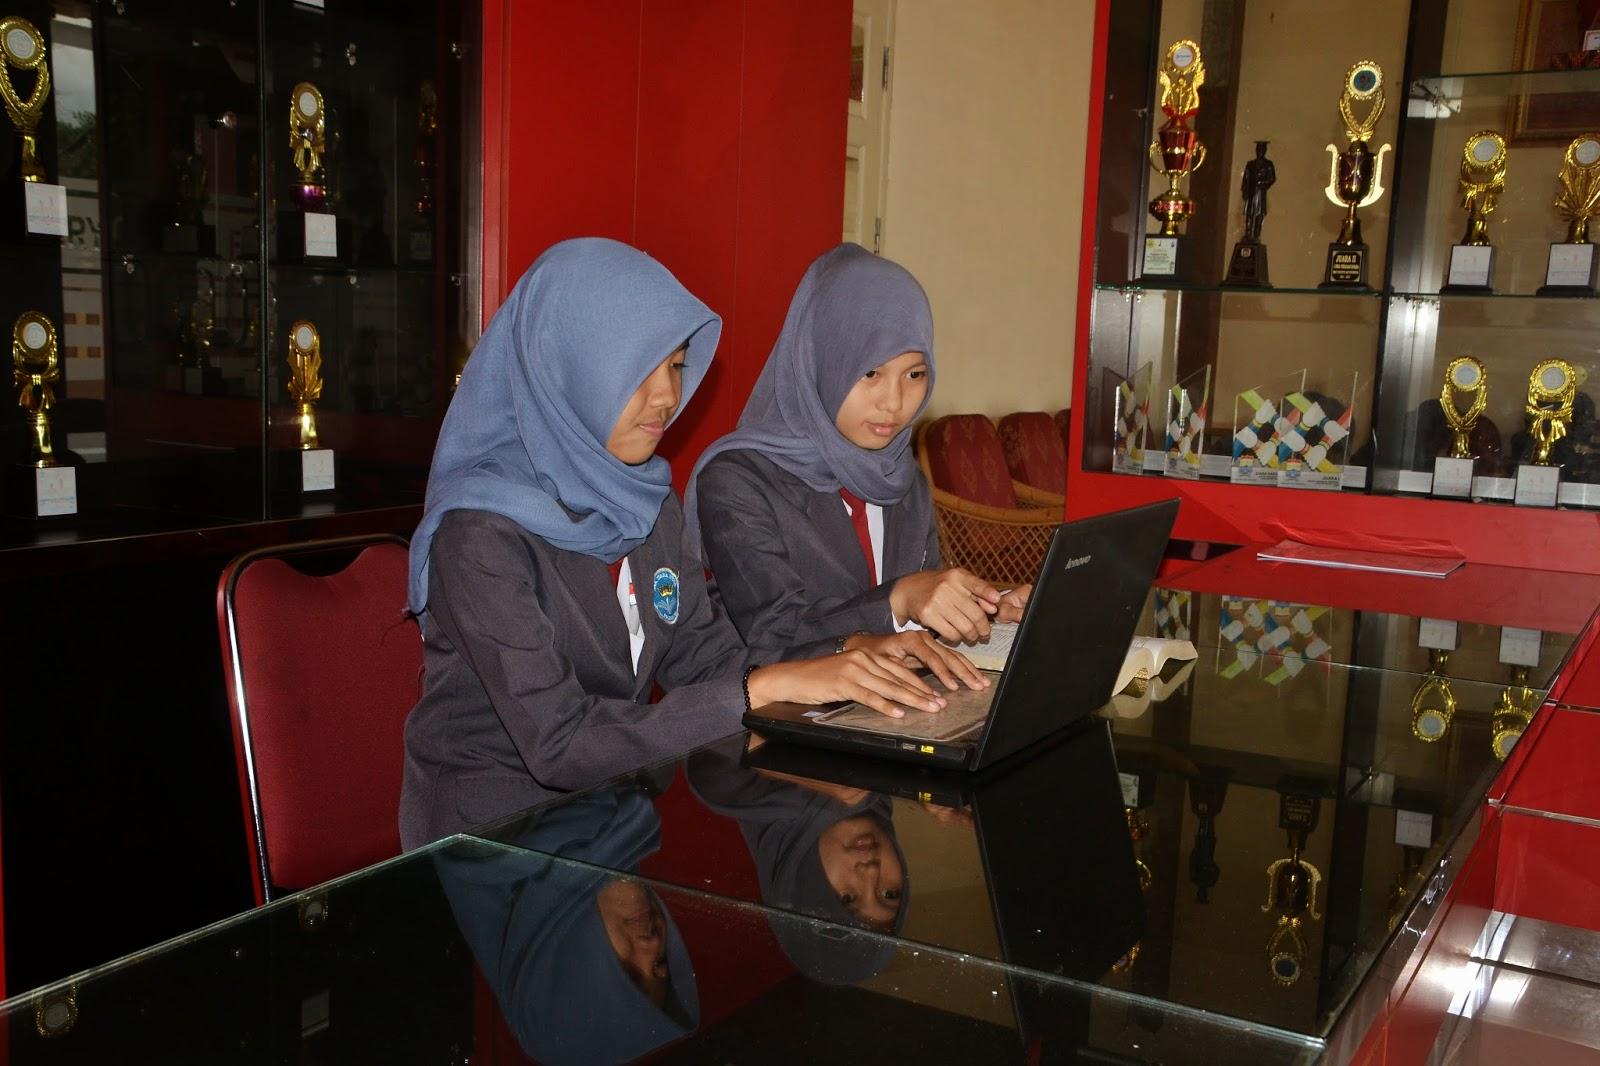 Akreditasi Sekolah Palembang Sma Negeri 4 Palembang Wikipedia Bahasa Indonesia Ensiklopedia